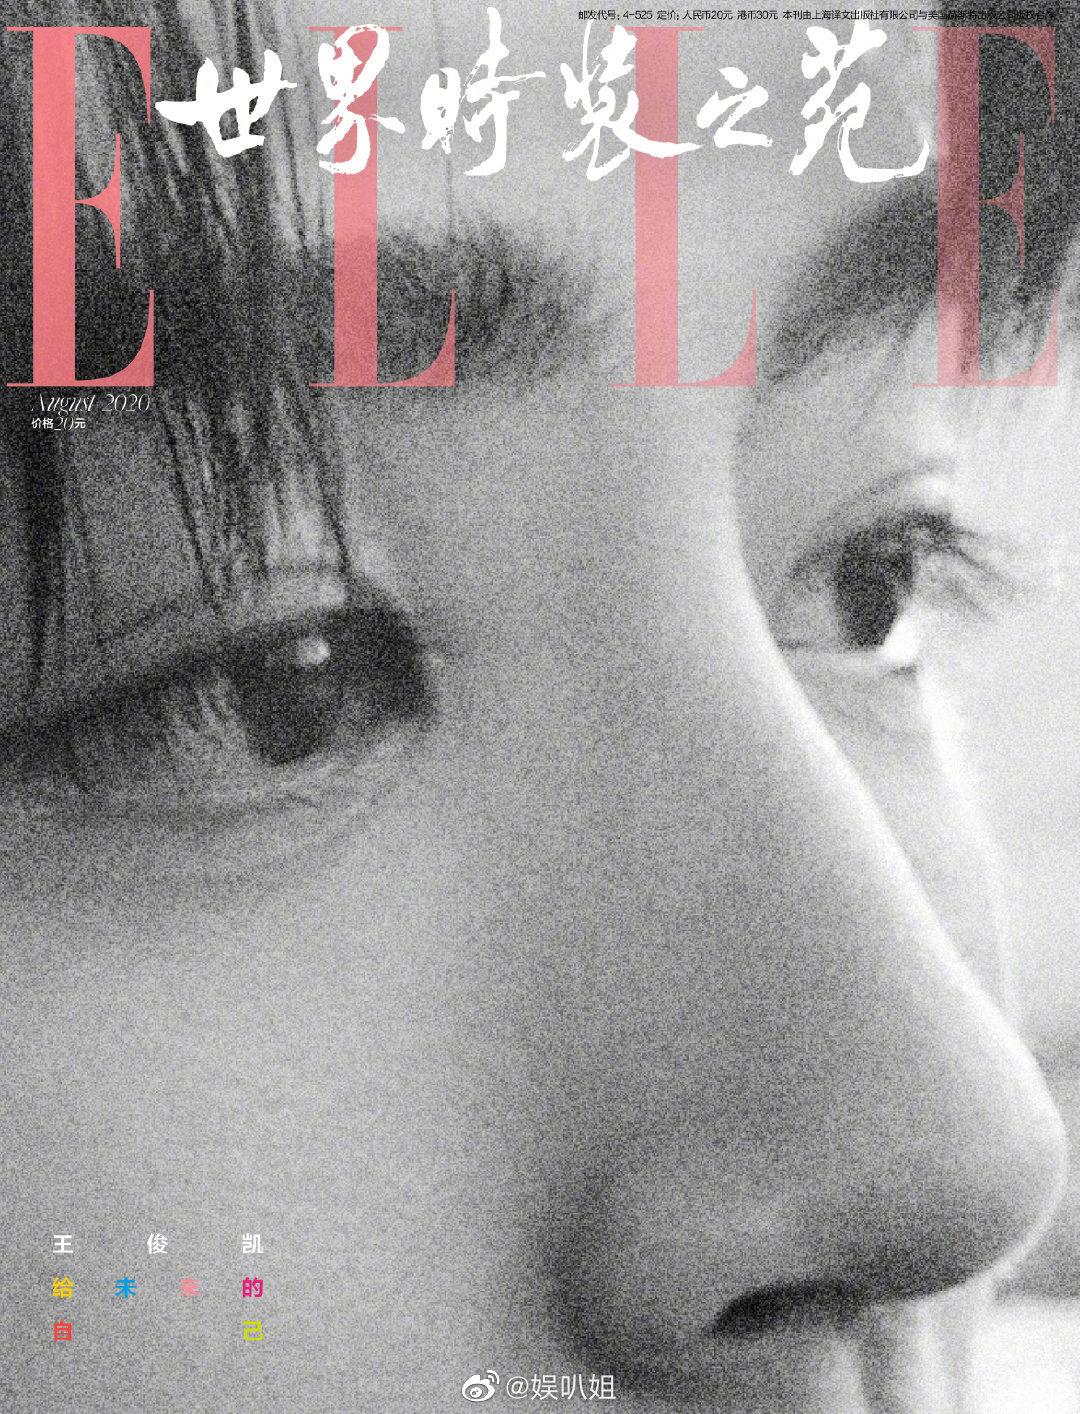 王俊凯《ELLE》八月刊封面预告发布,睫毛精本精了